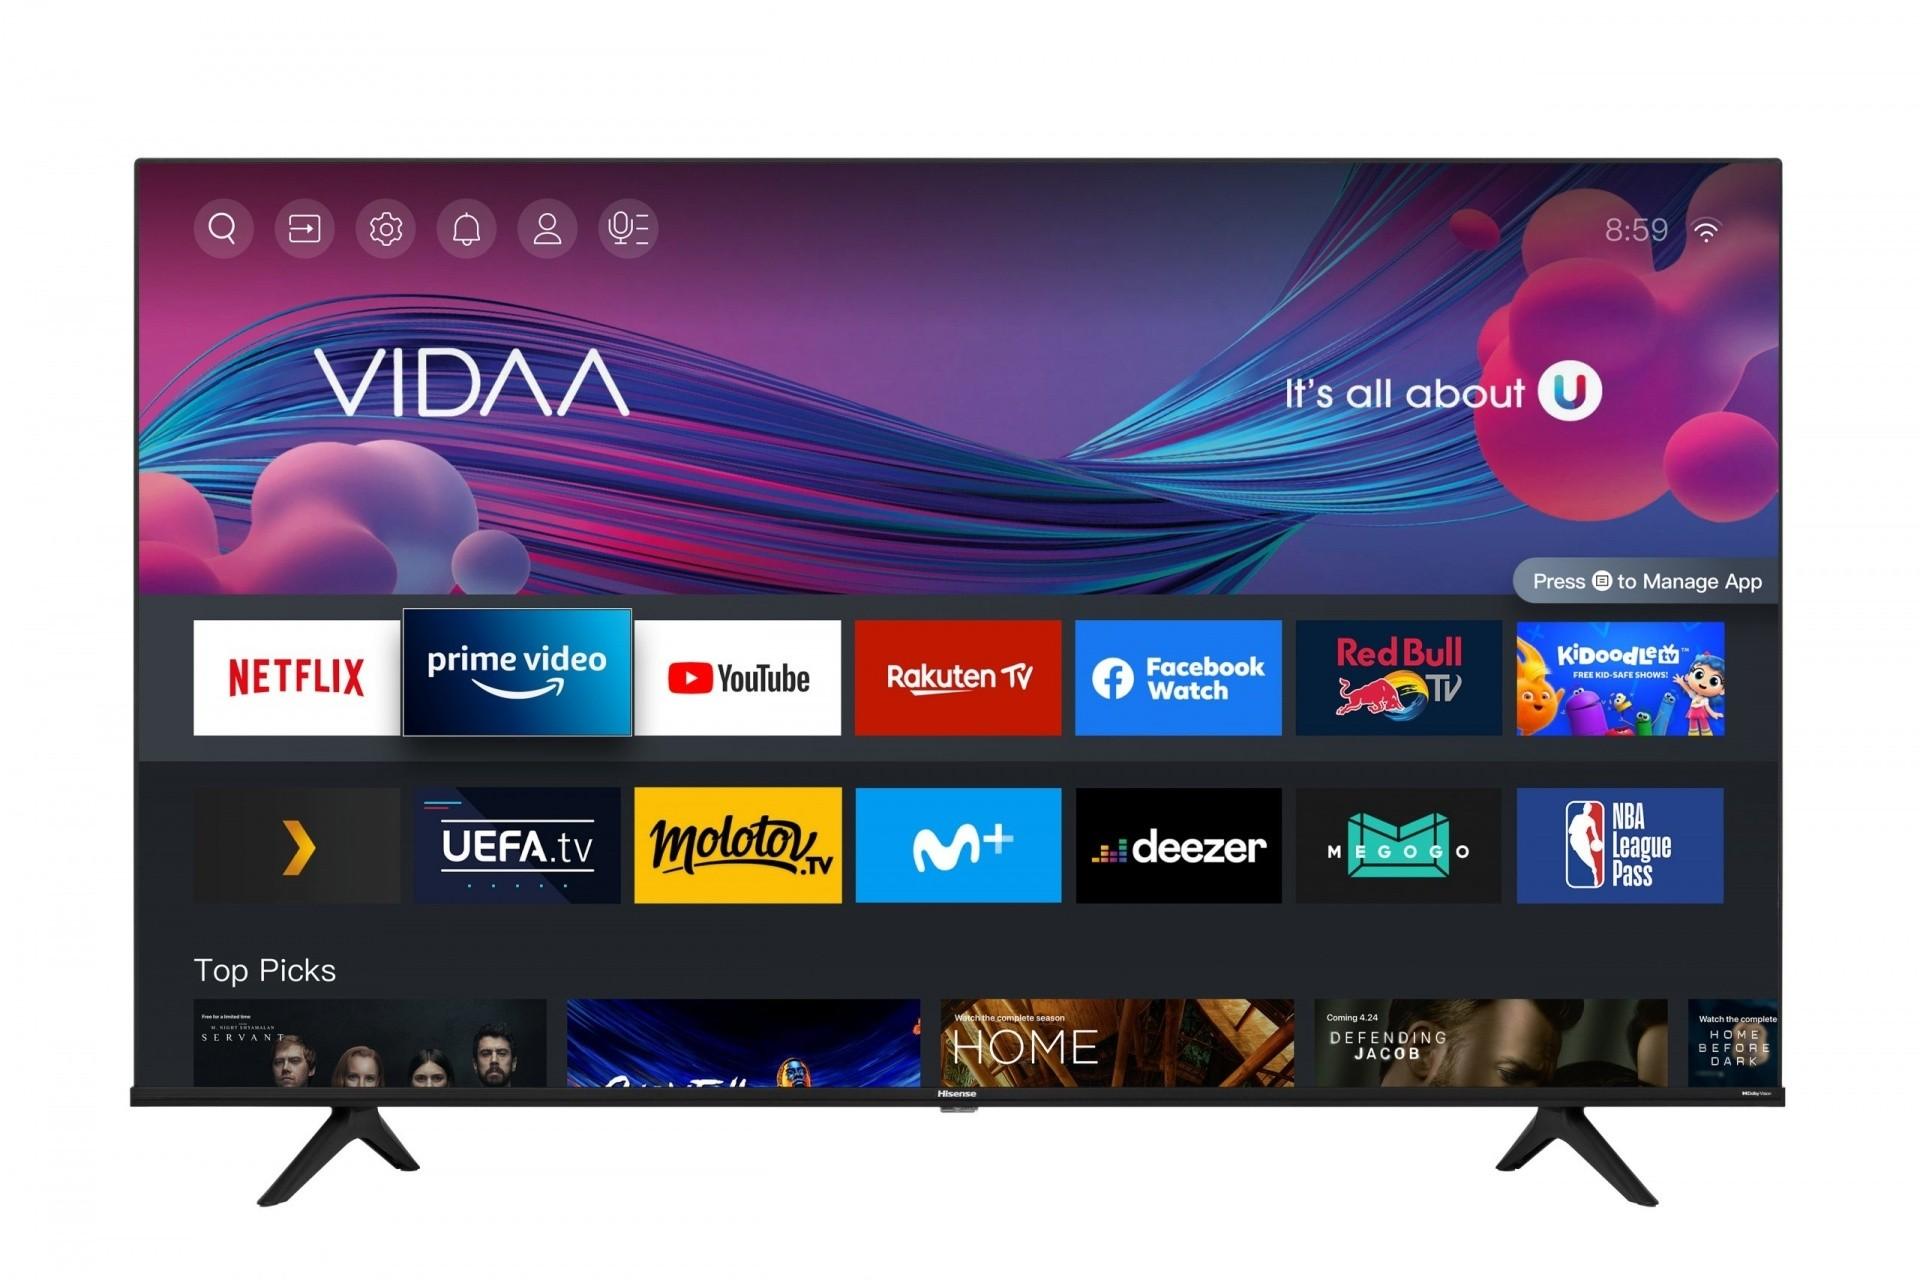 Hisense 50A6G TV 127 cm (50